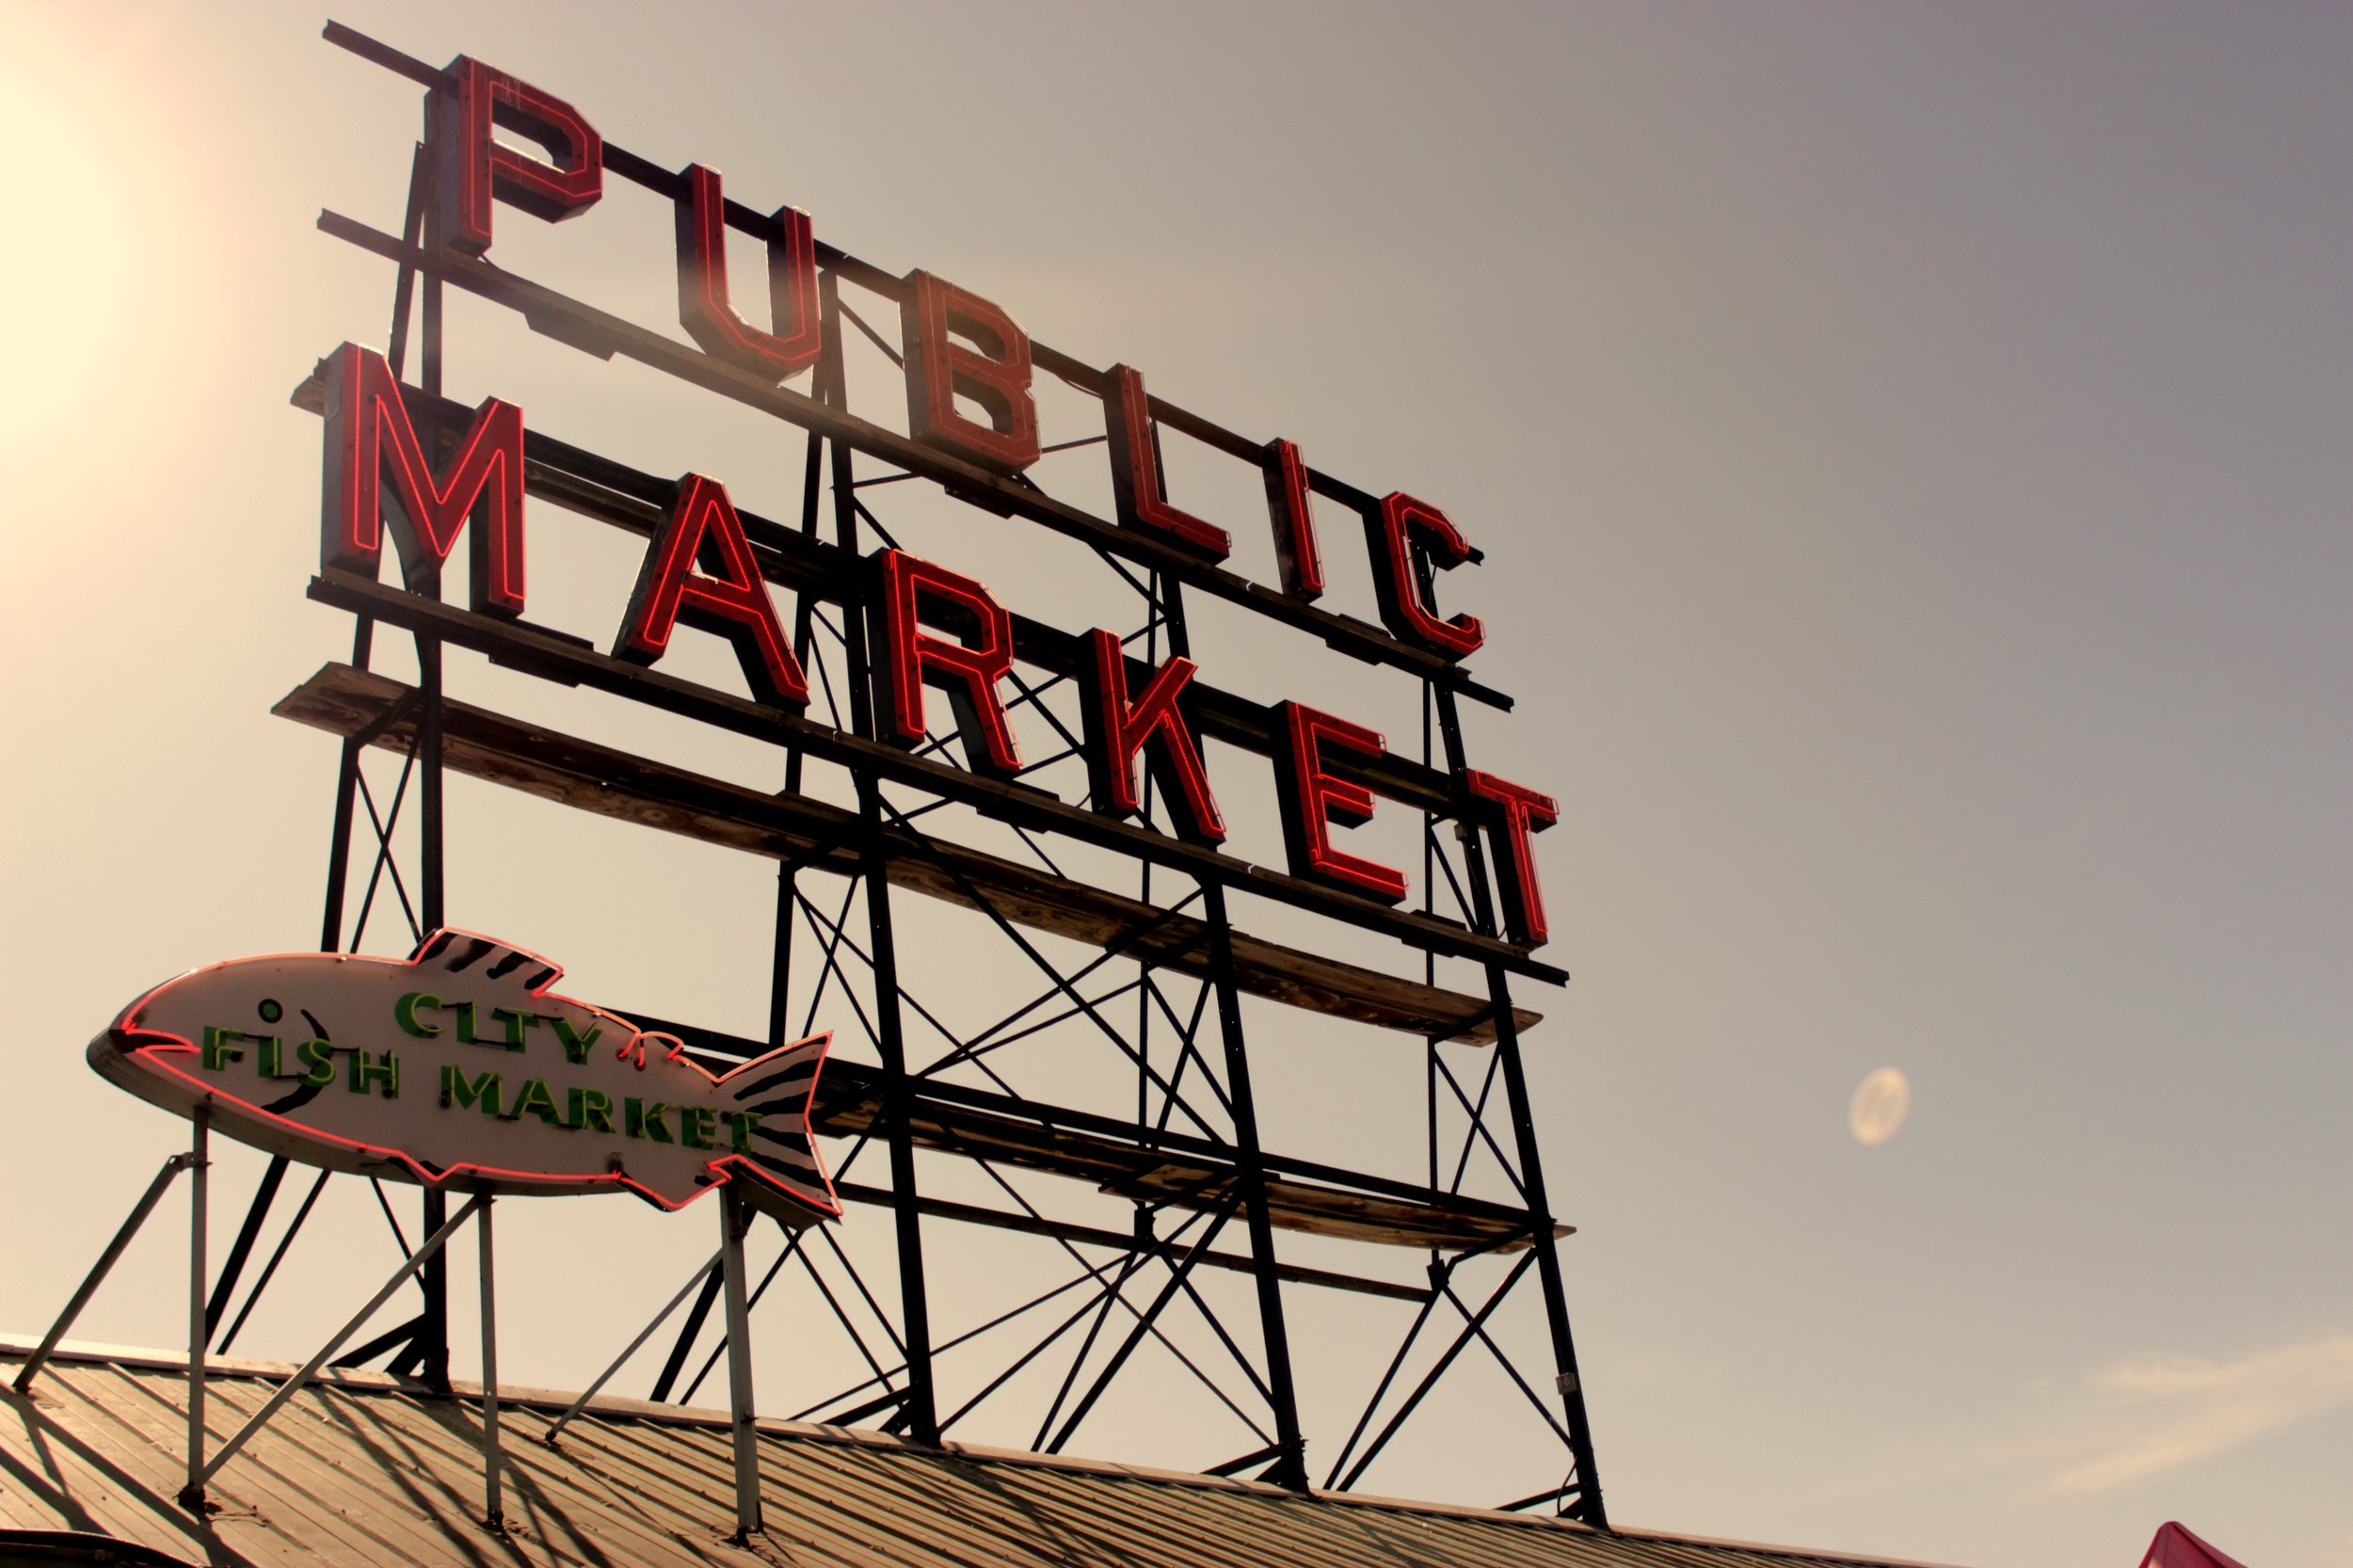 Seattle, WA - LocationWeWork South Lake Union500 Yale Ave N, Seattle, WA 98109